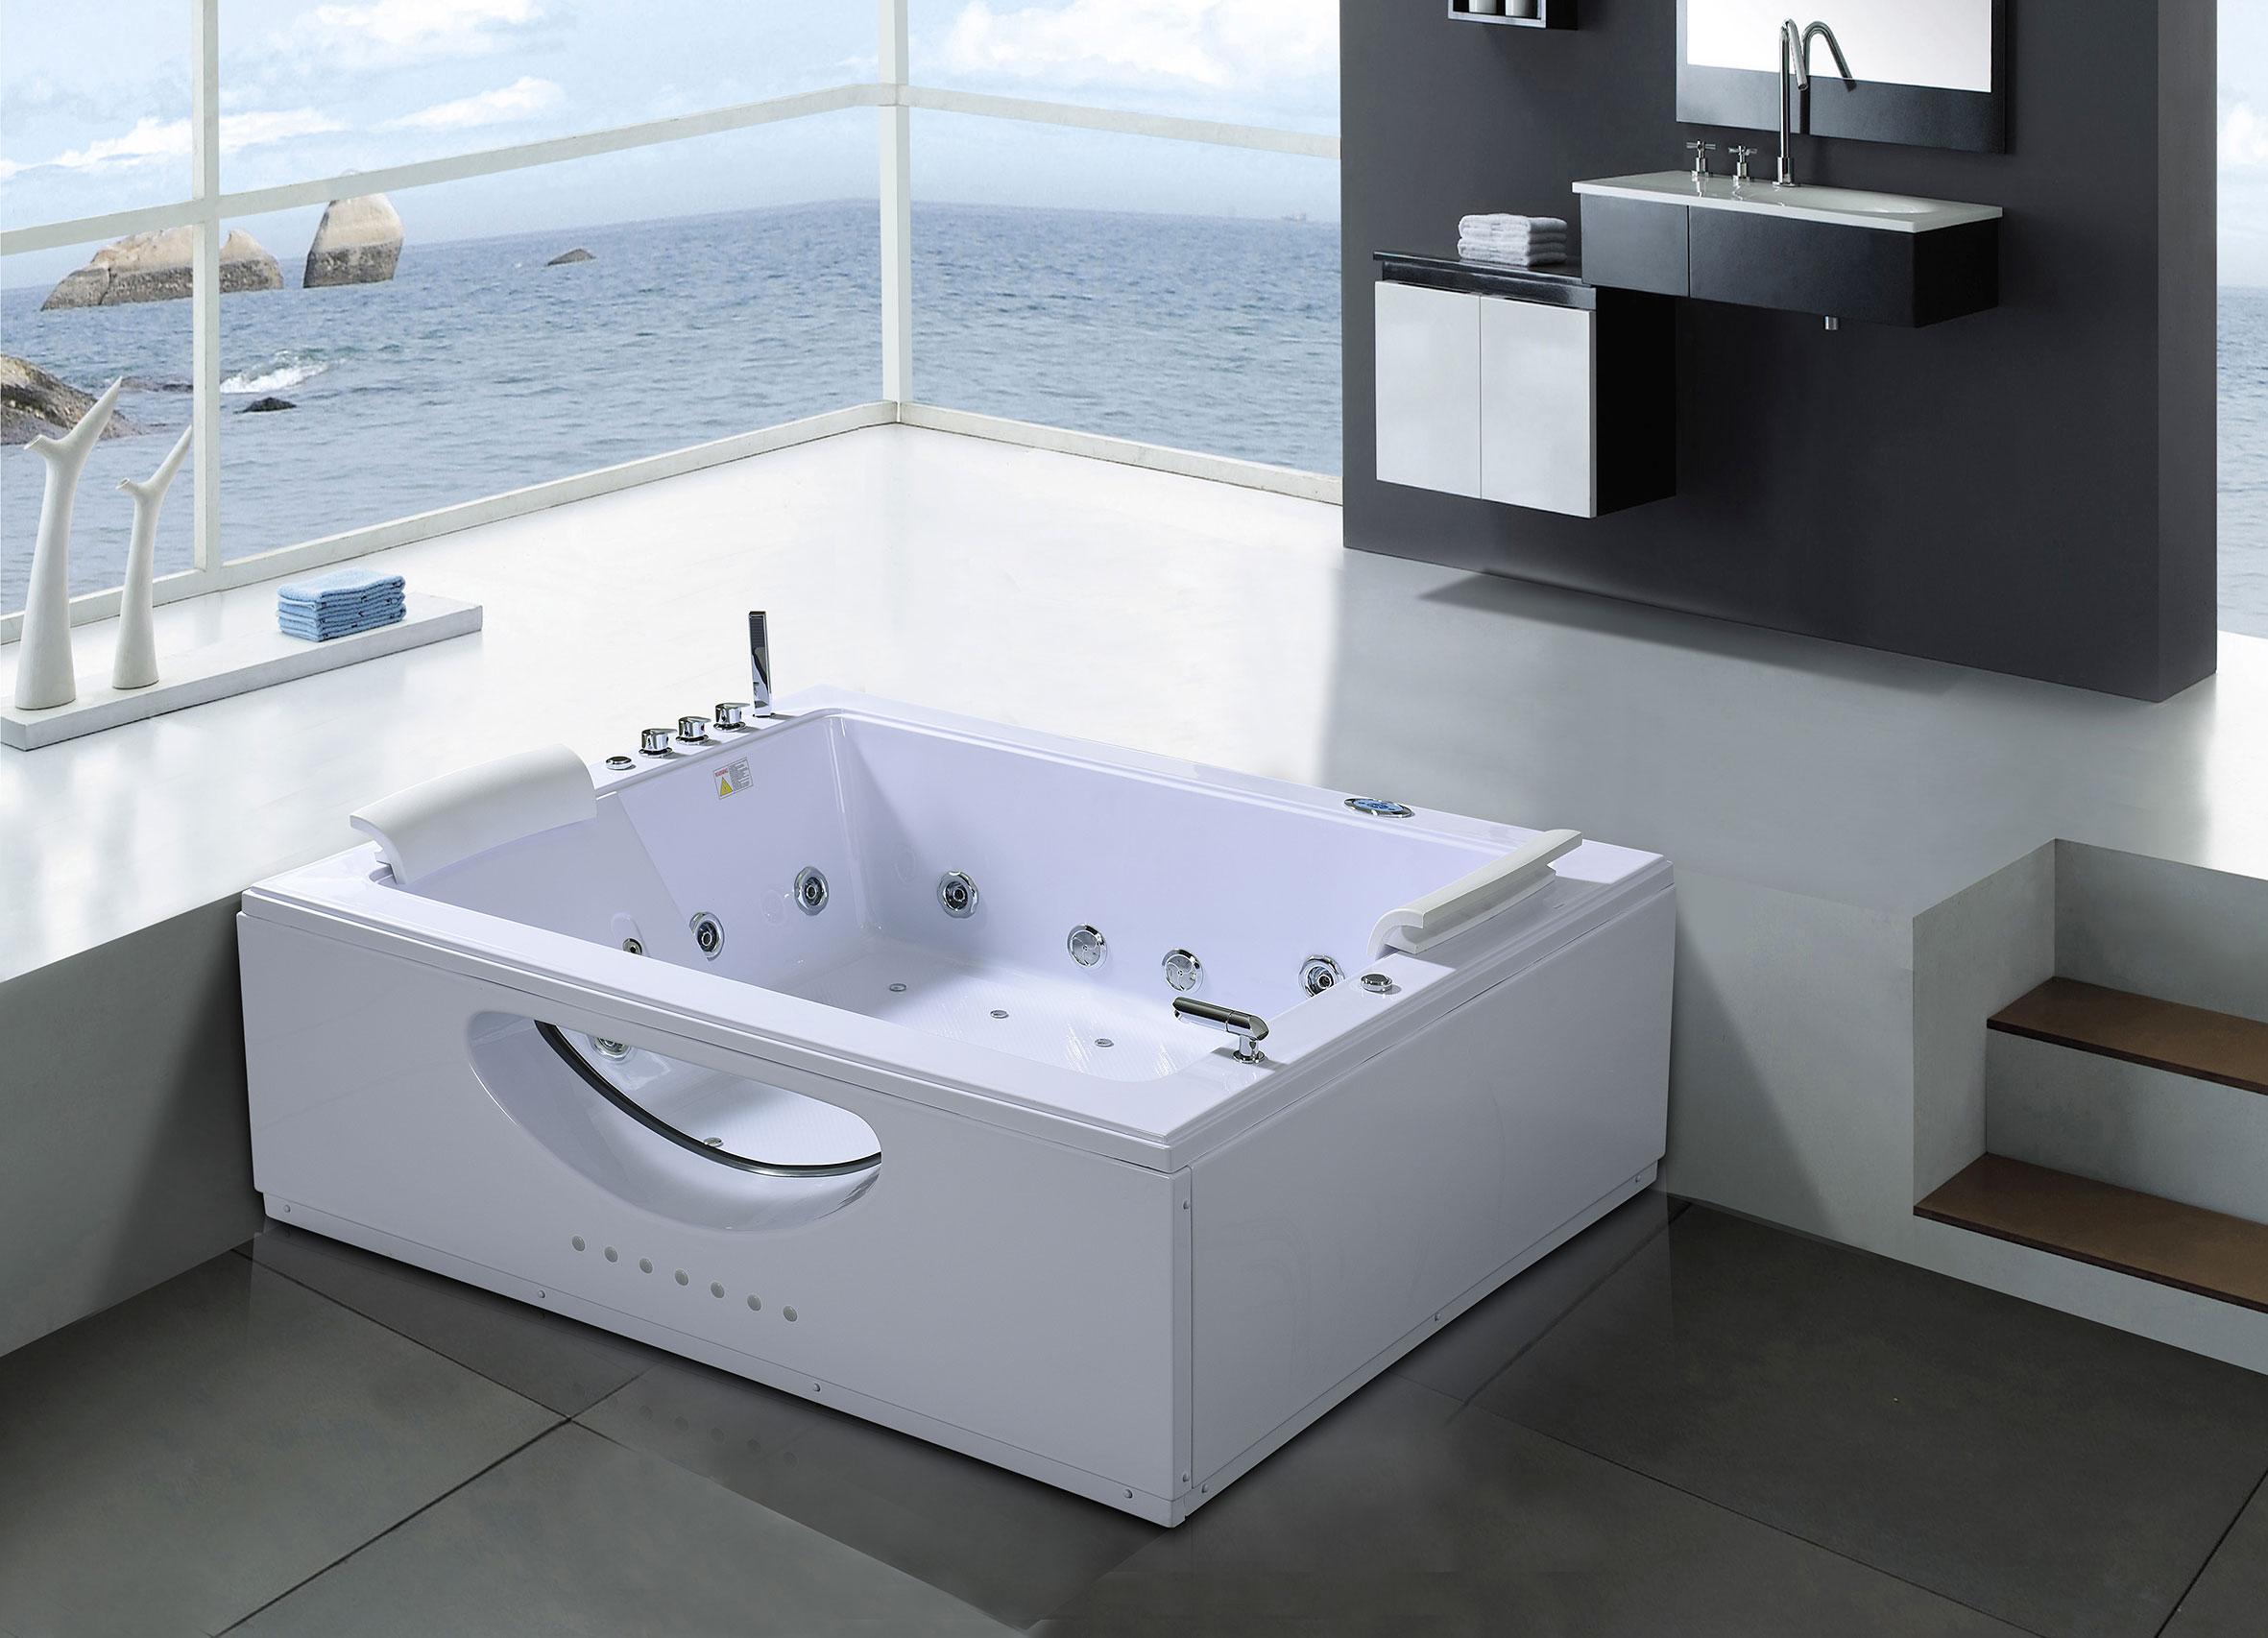 Vasca Da Bagno Enorme dettagli su vasca da bagno idromassaggio spa cromoterapia doppia pompa 178  x 147cm bali